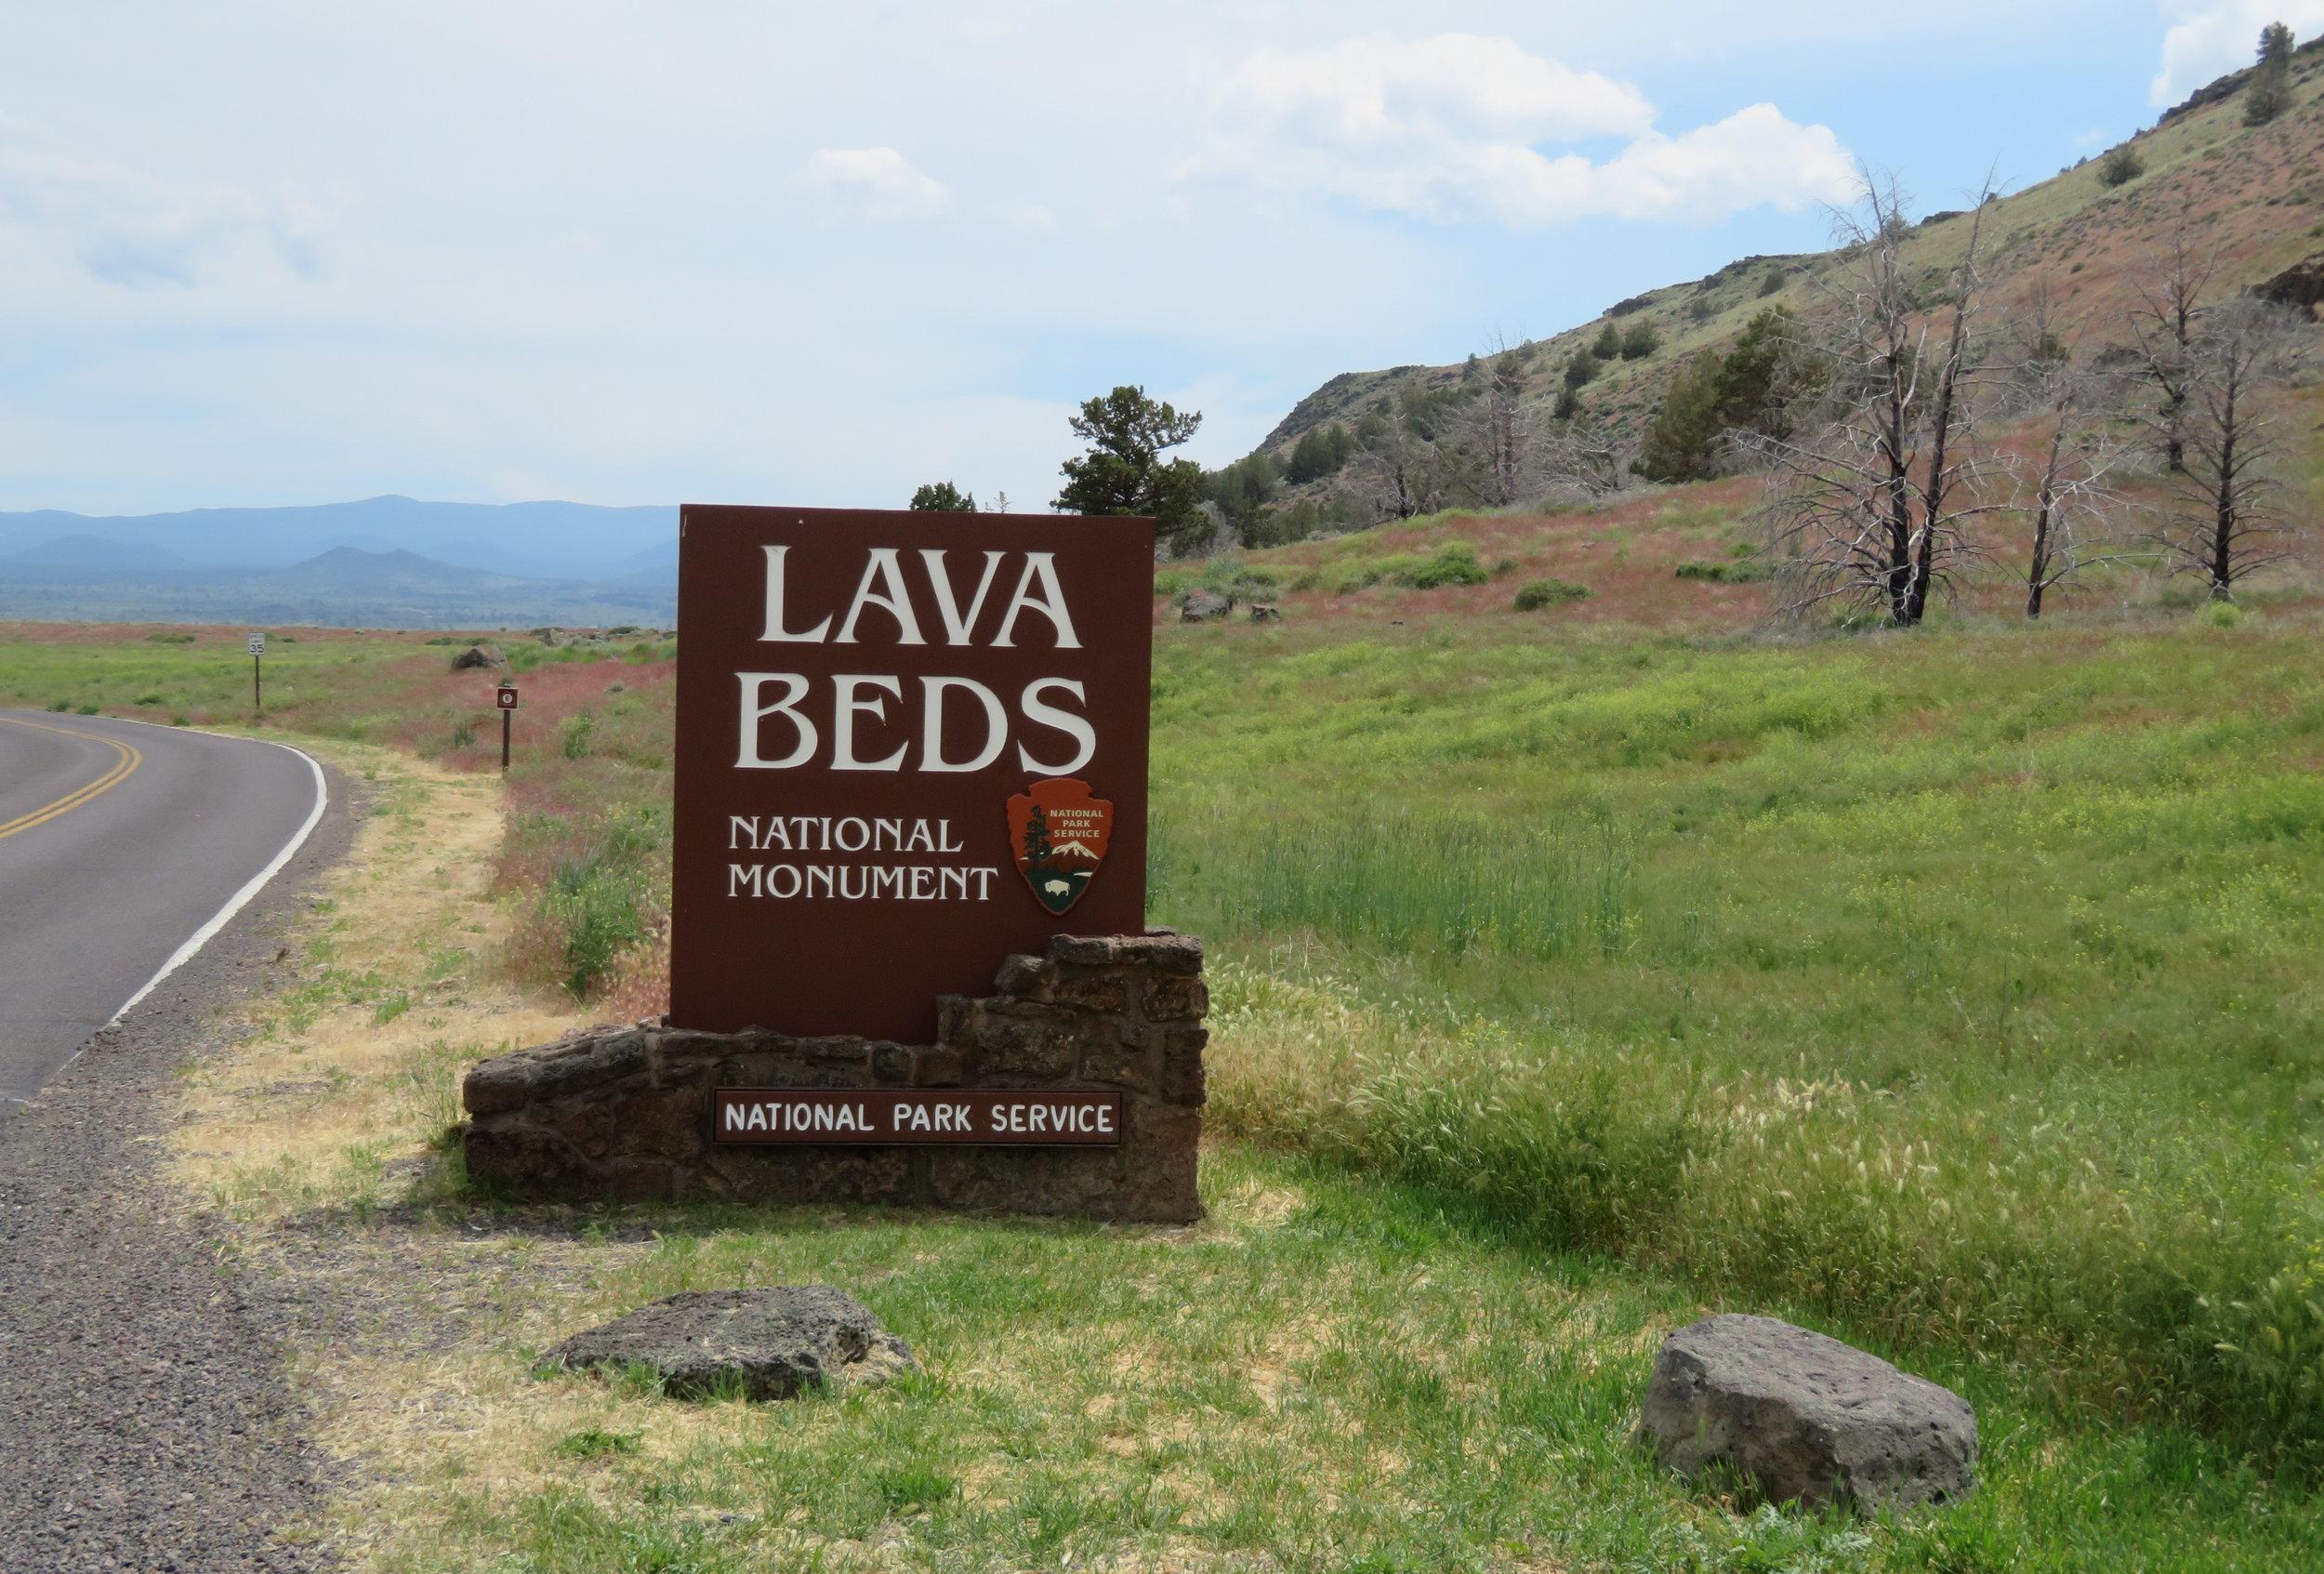 lavabeds_entrance sign.JPG